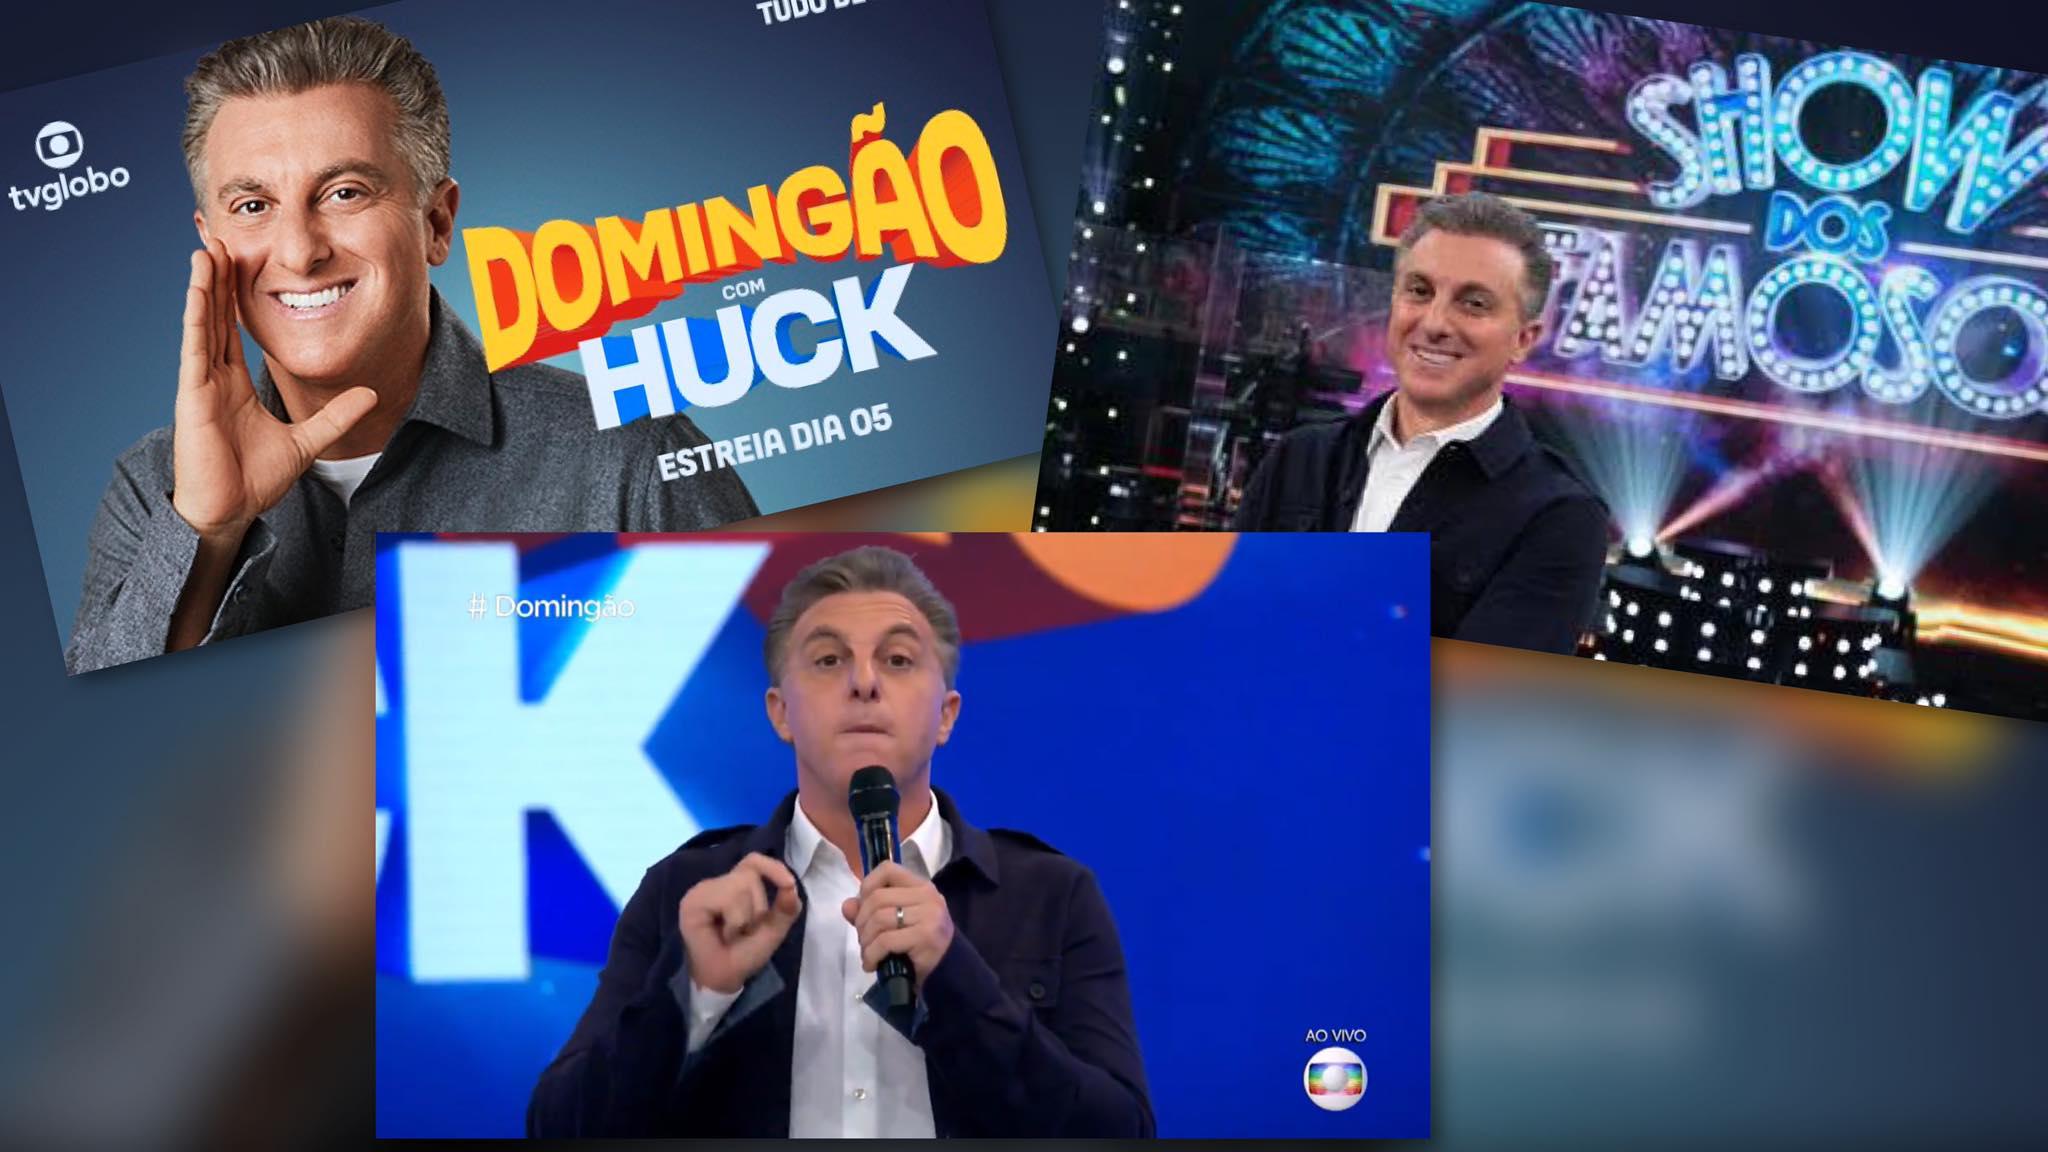 Domingão do Huck estreia com boa audiência, tensão e algumas gafes. Fonte: Twitter